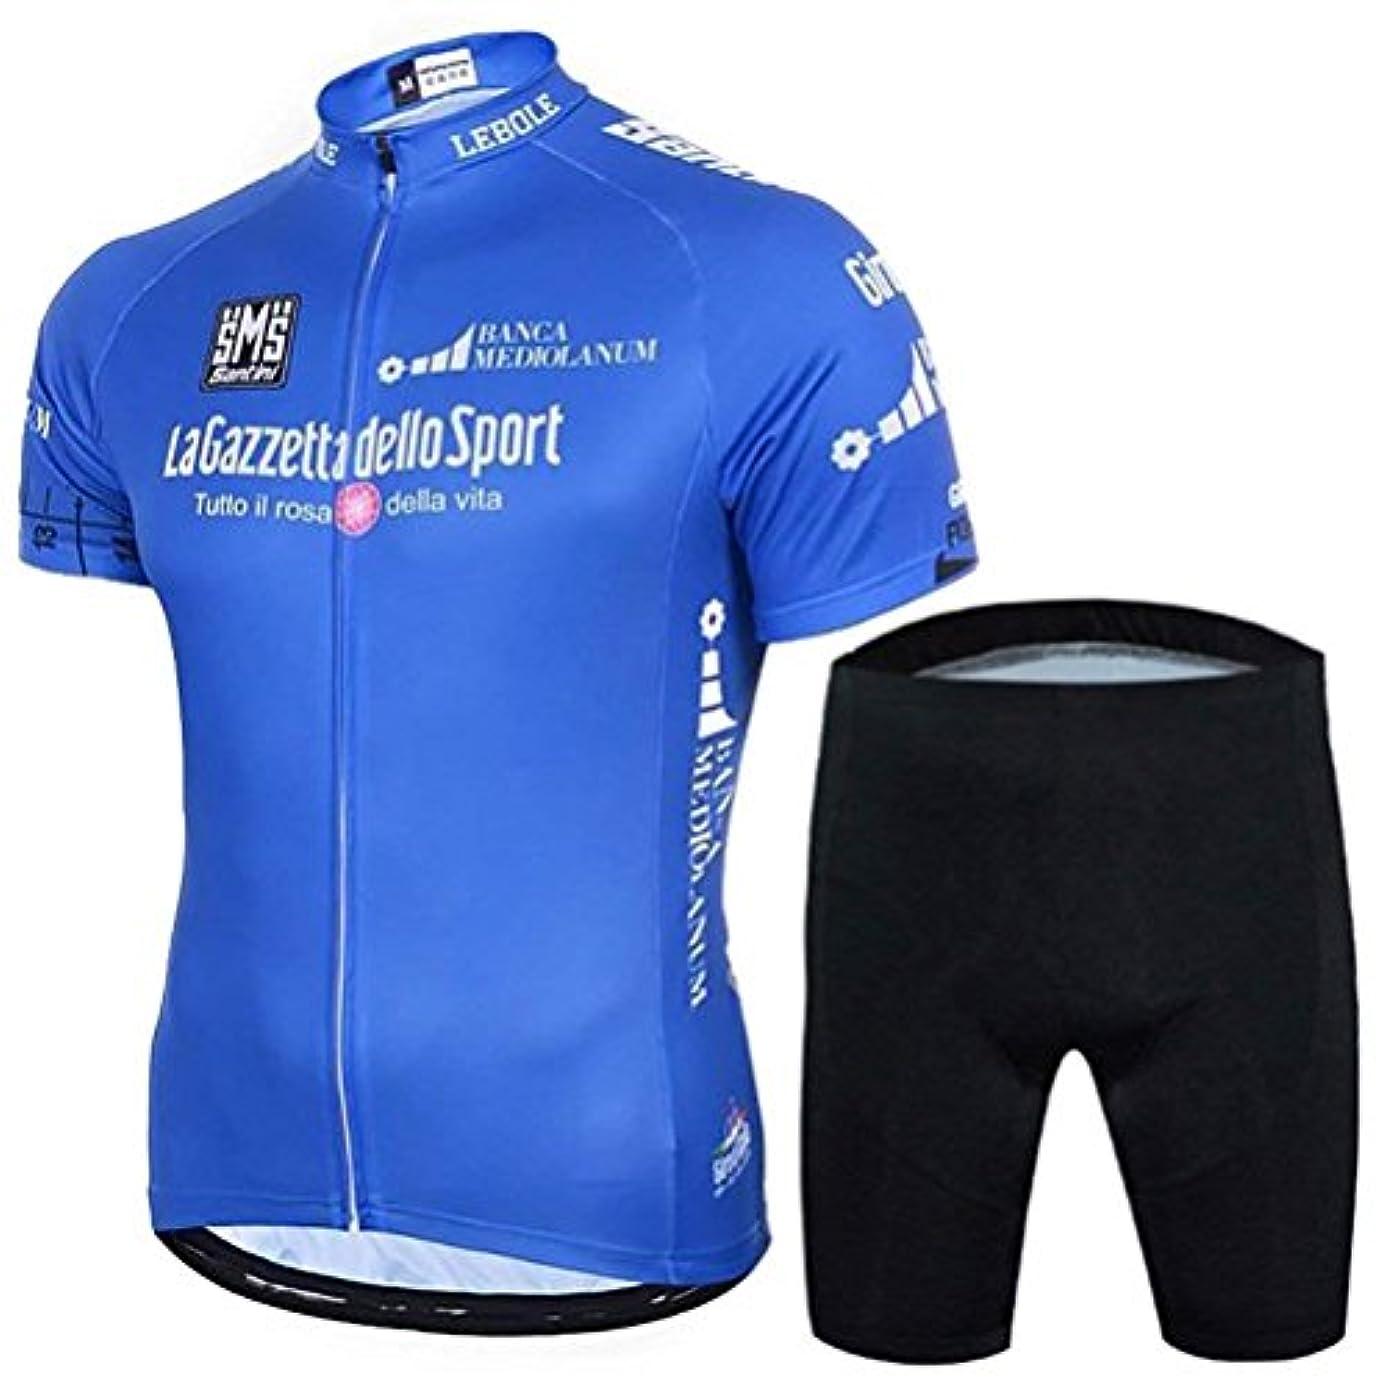 経験者コンチネンタル実用的DOKEA サイクルウェア 半袖 上下セット メンズ ビブ付き 大きいサイズ 吸汗通気 S-XXXL